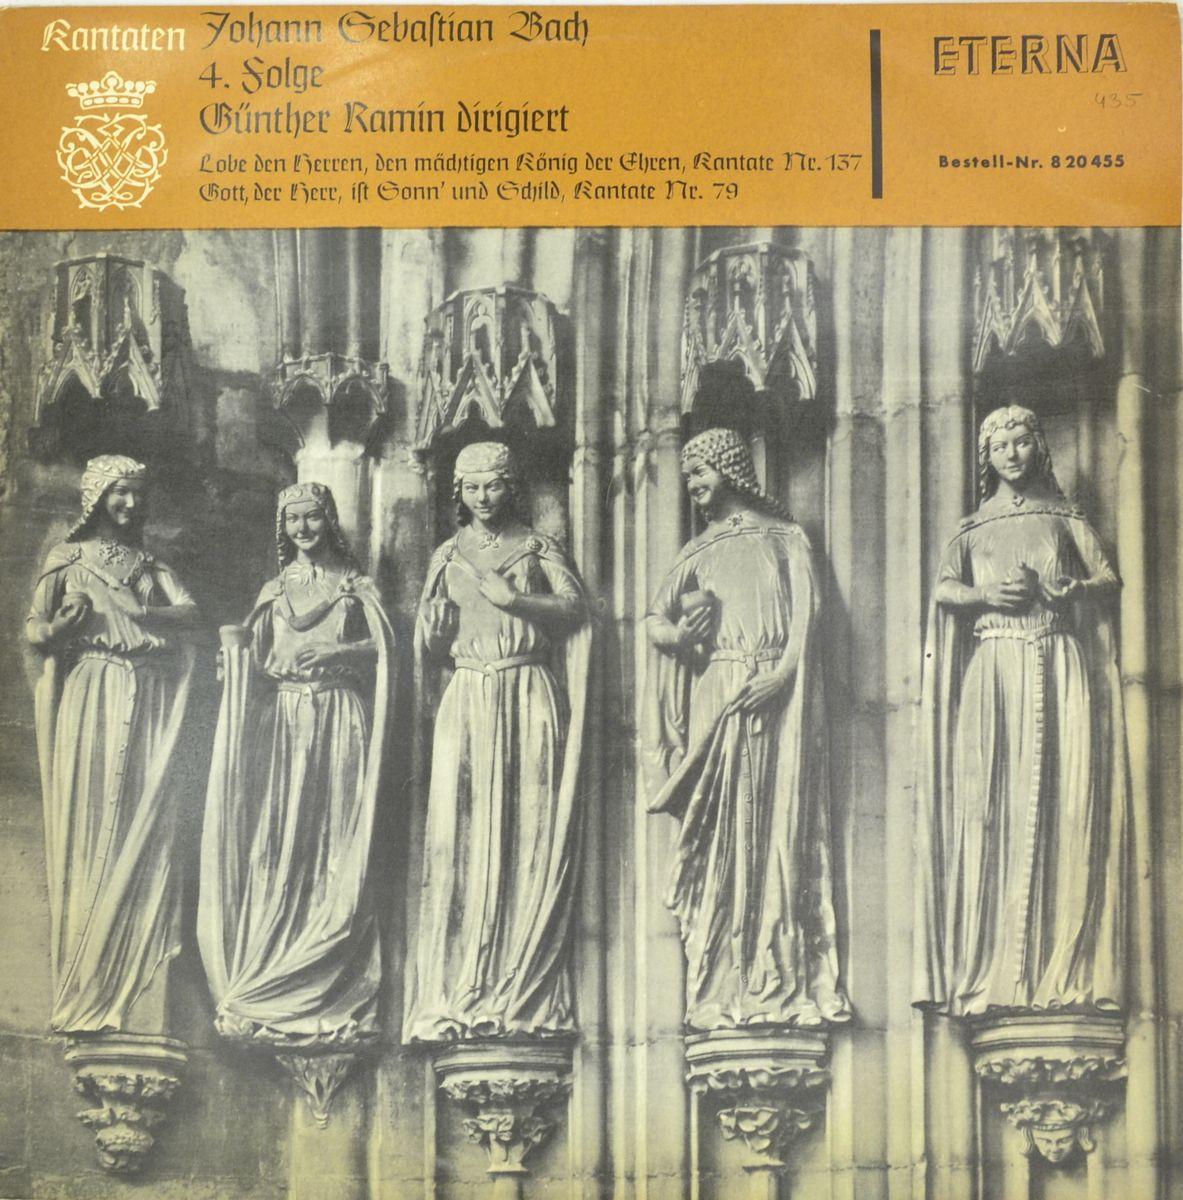 Johann Sebastian Bach – Kantaten 4. Folge (LP) stefan hussong johann sebastian bach goldberg variations